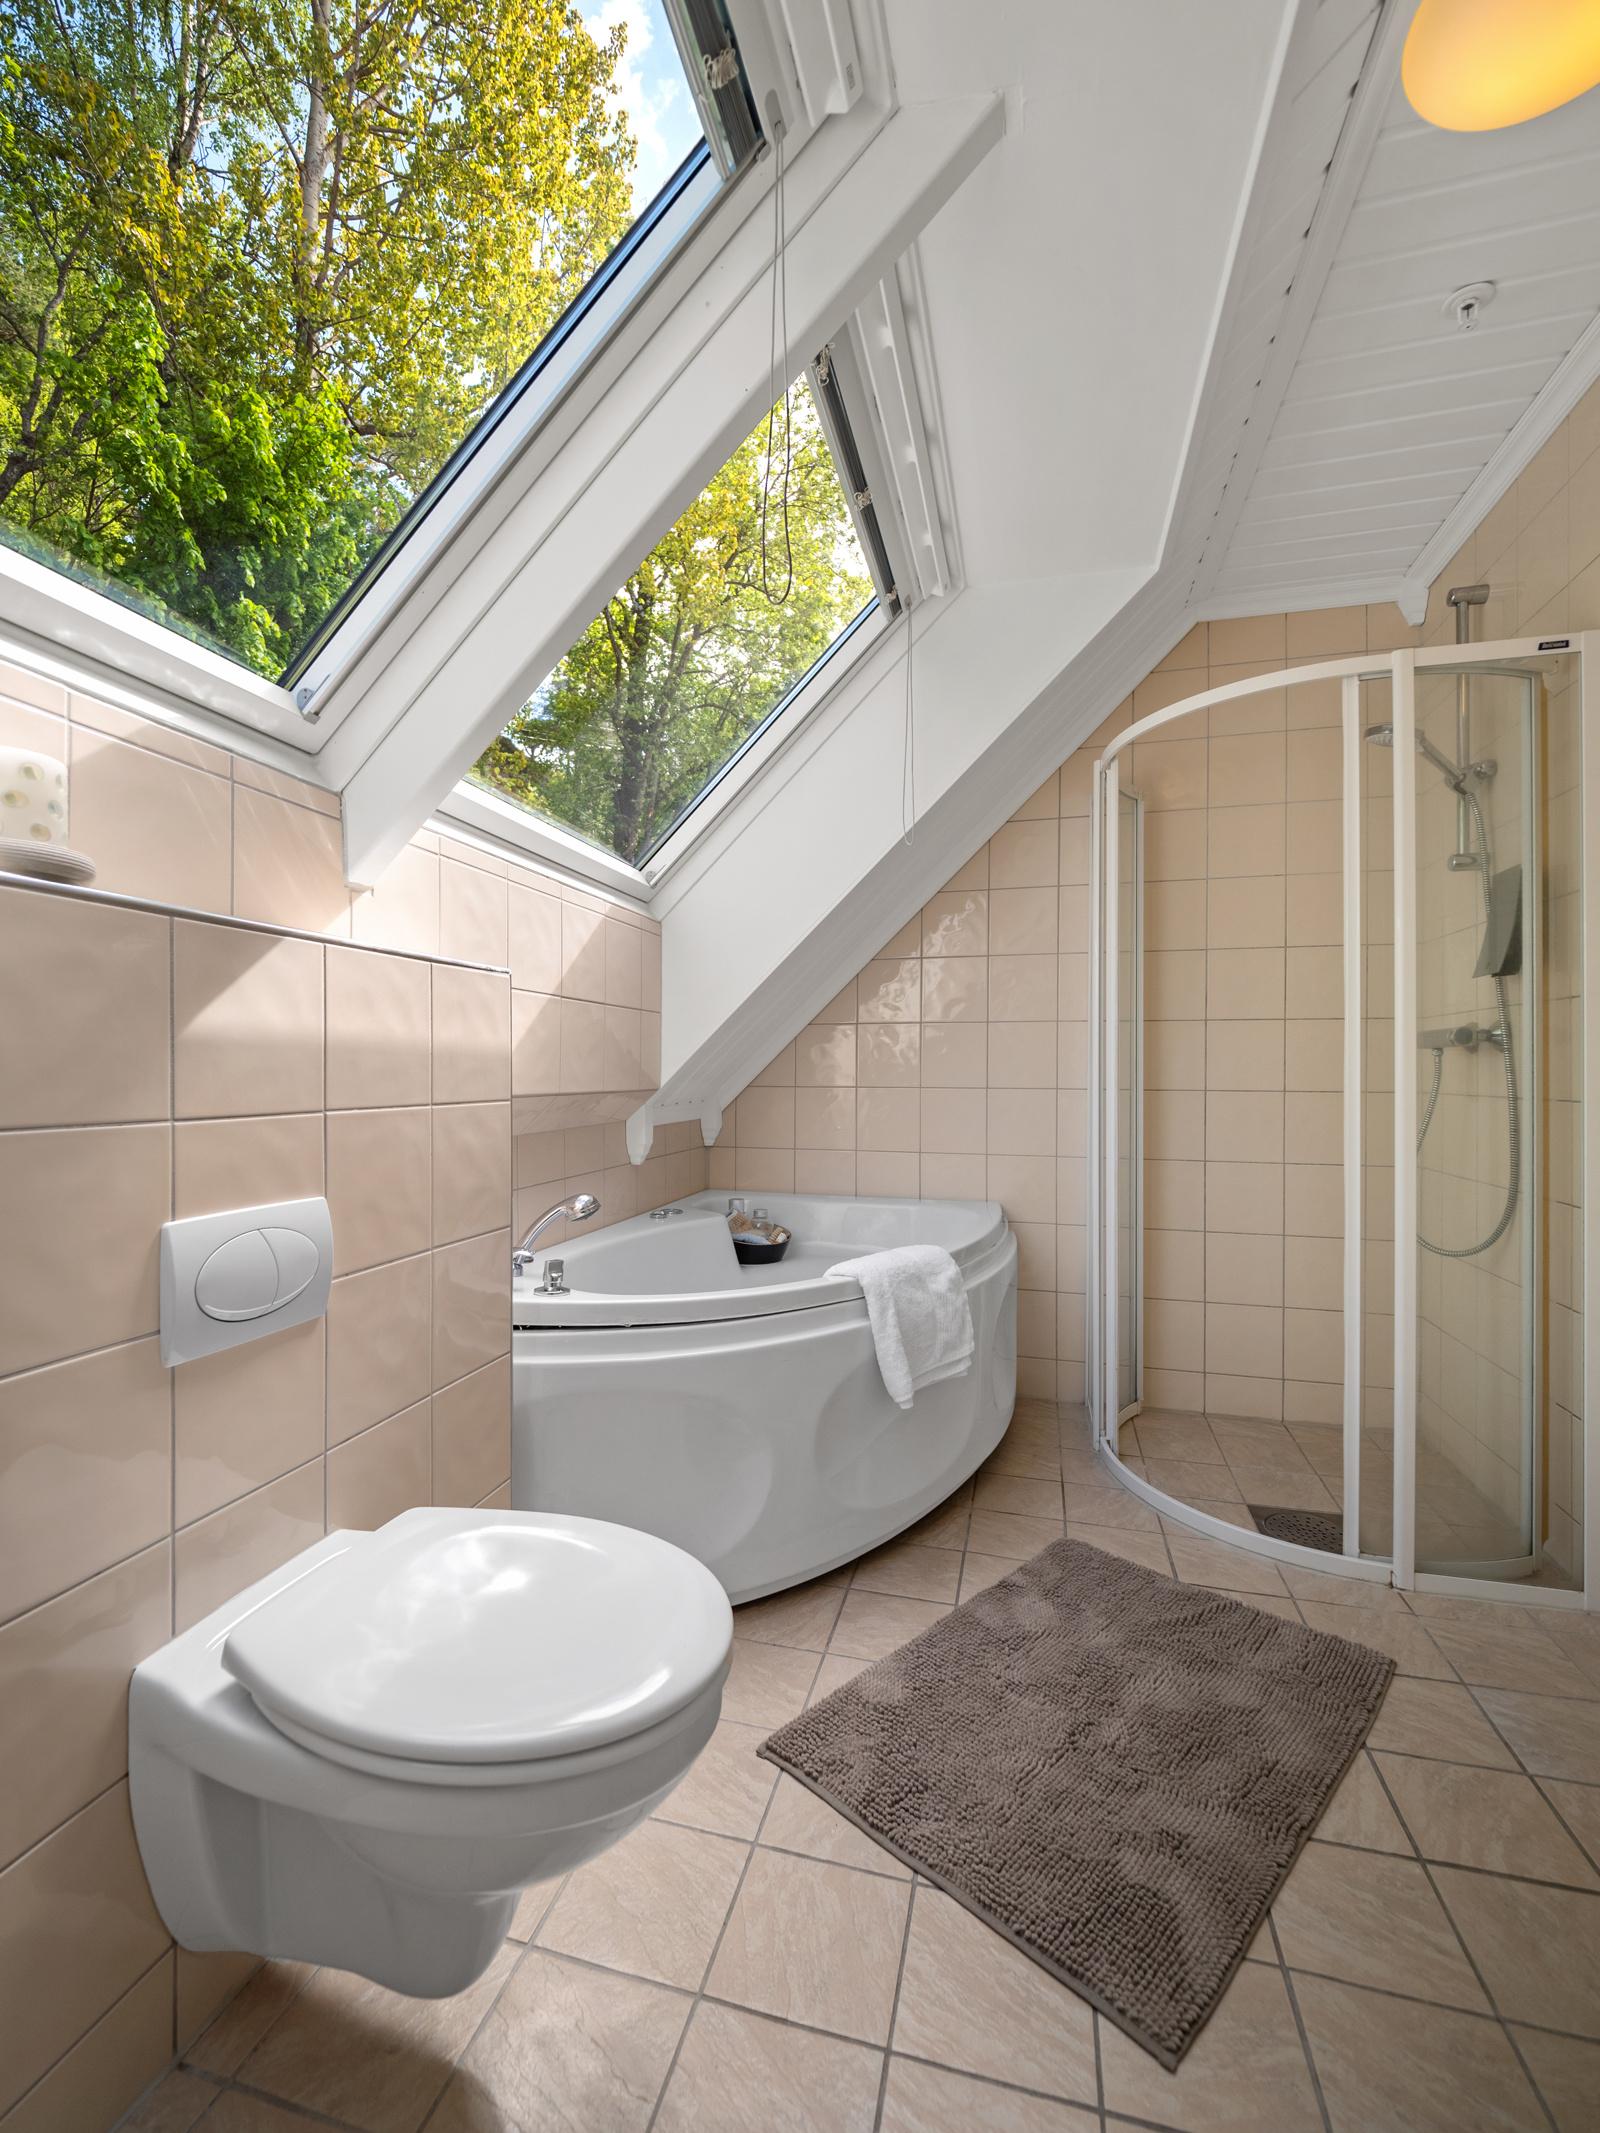 Bad i 2. etasje med vegghengt wc, servant, badekar og dusj